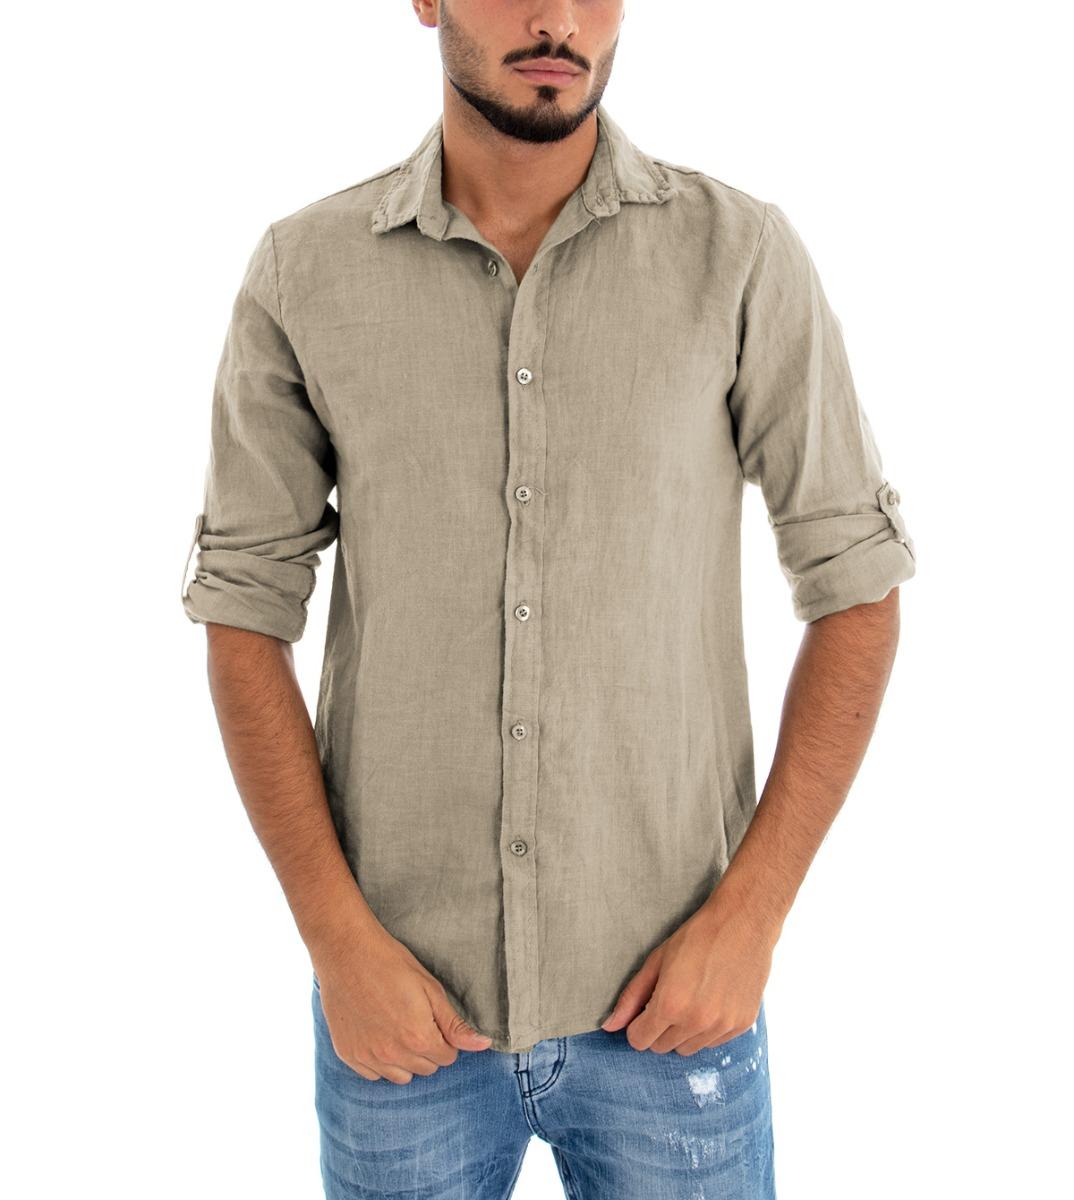 Camicia-Uomo-Lino-Maniche-Lunghe-Colletto-Tinta-Unita-Beige-GIOSAL miniatura 3